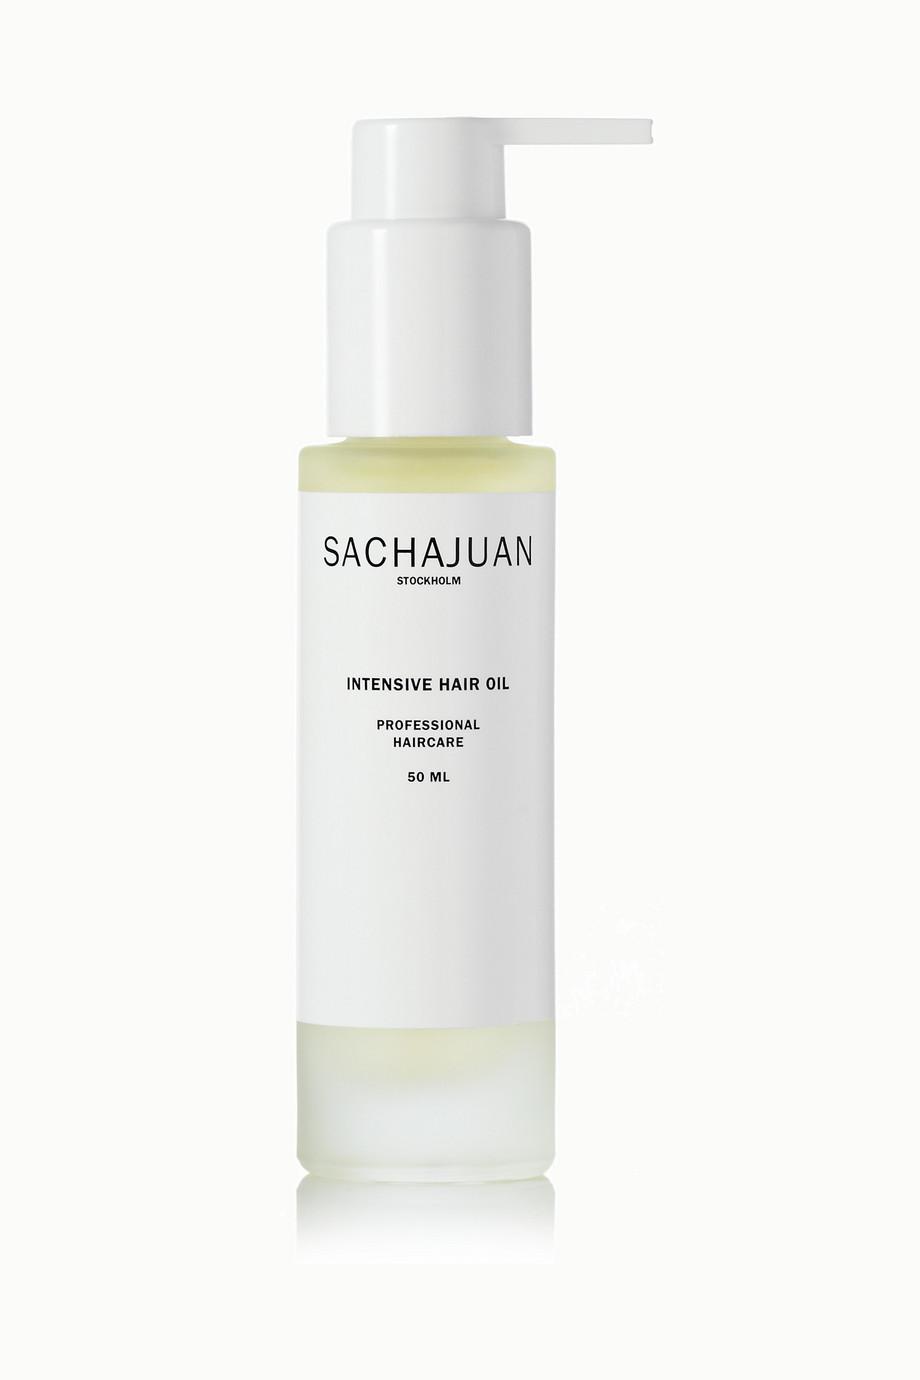 SACHAJUAN Intensive Hair Oil, 50ml